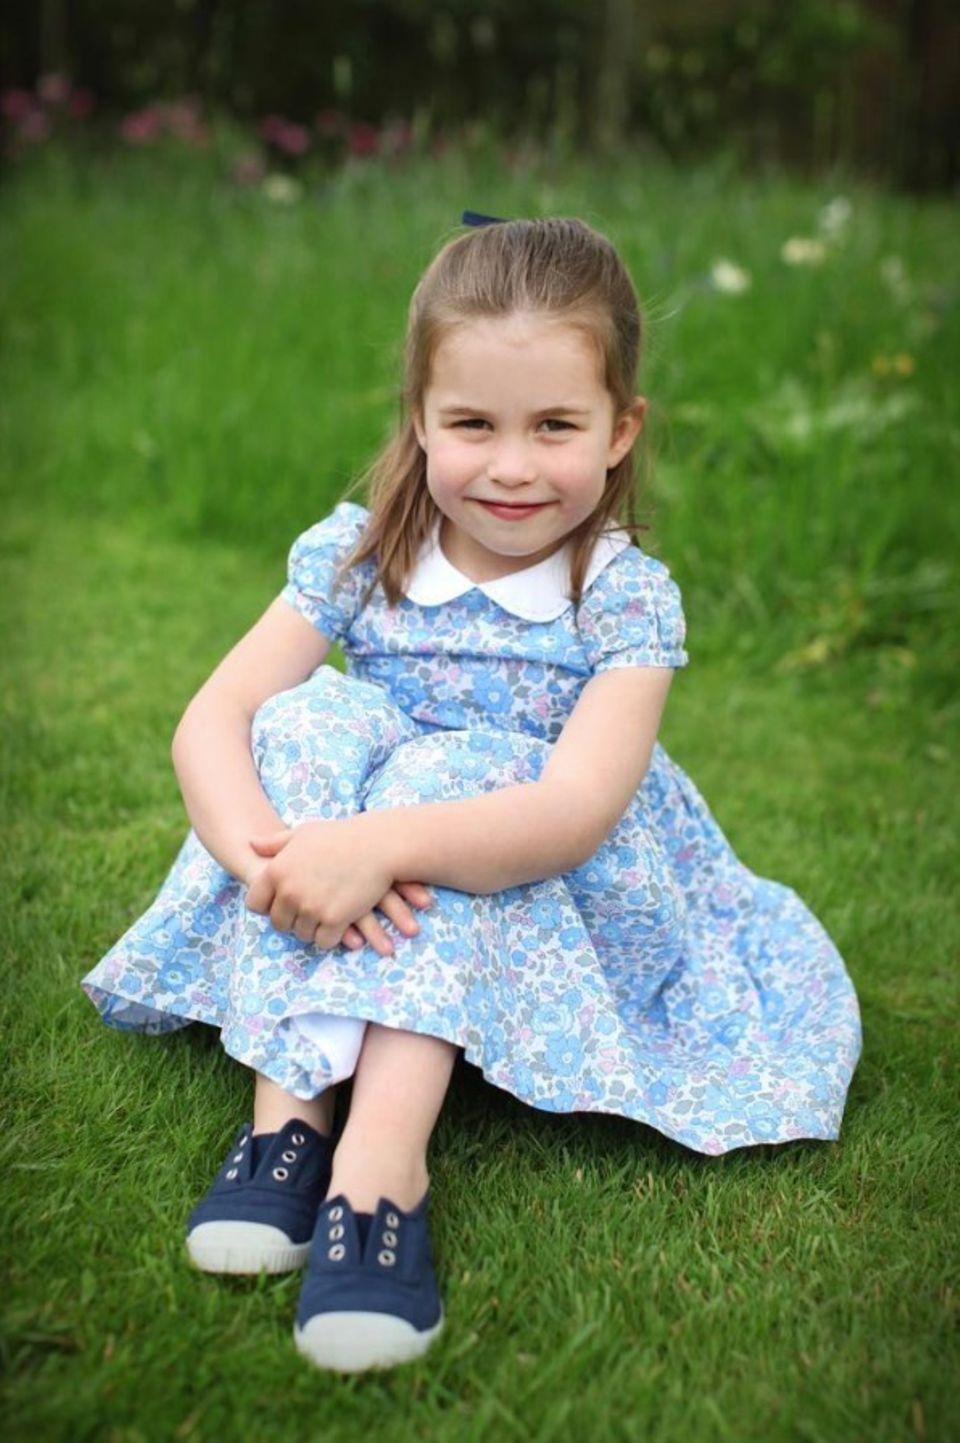 2. Mai 2019  Ob sich Prinzessin Charlotte das Kleid selber ausgesucht hat? Verschmitzt lächelt die einzige Tochter von Prinz William und Herzogin Catherine in die Kamera. Die Ähnlichkeit zu ihrem Papa und ihrer Großmutter, Queen Elizabeth, ist dabei nicht zu übersehen.